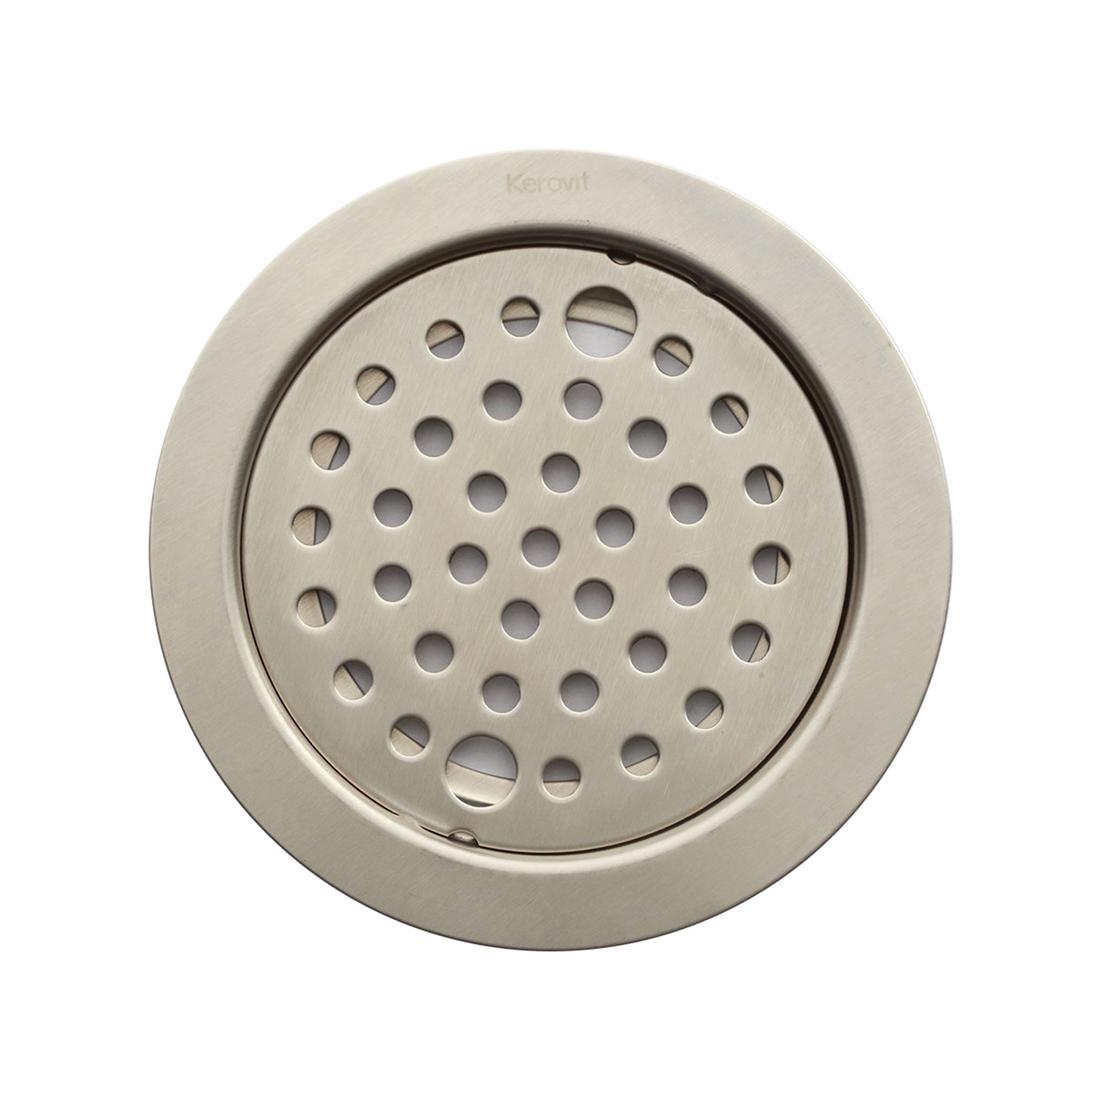 Kerovit KA640004 Stainless Steel Floor Drainer